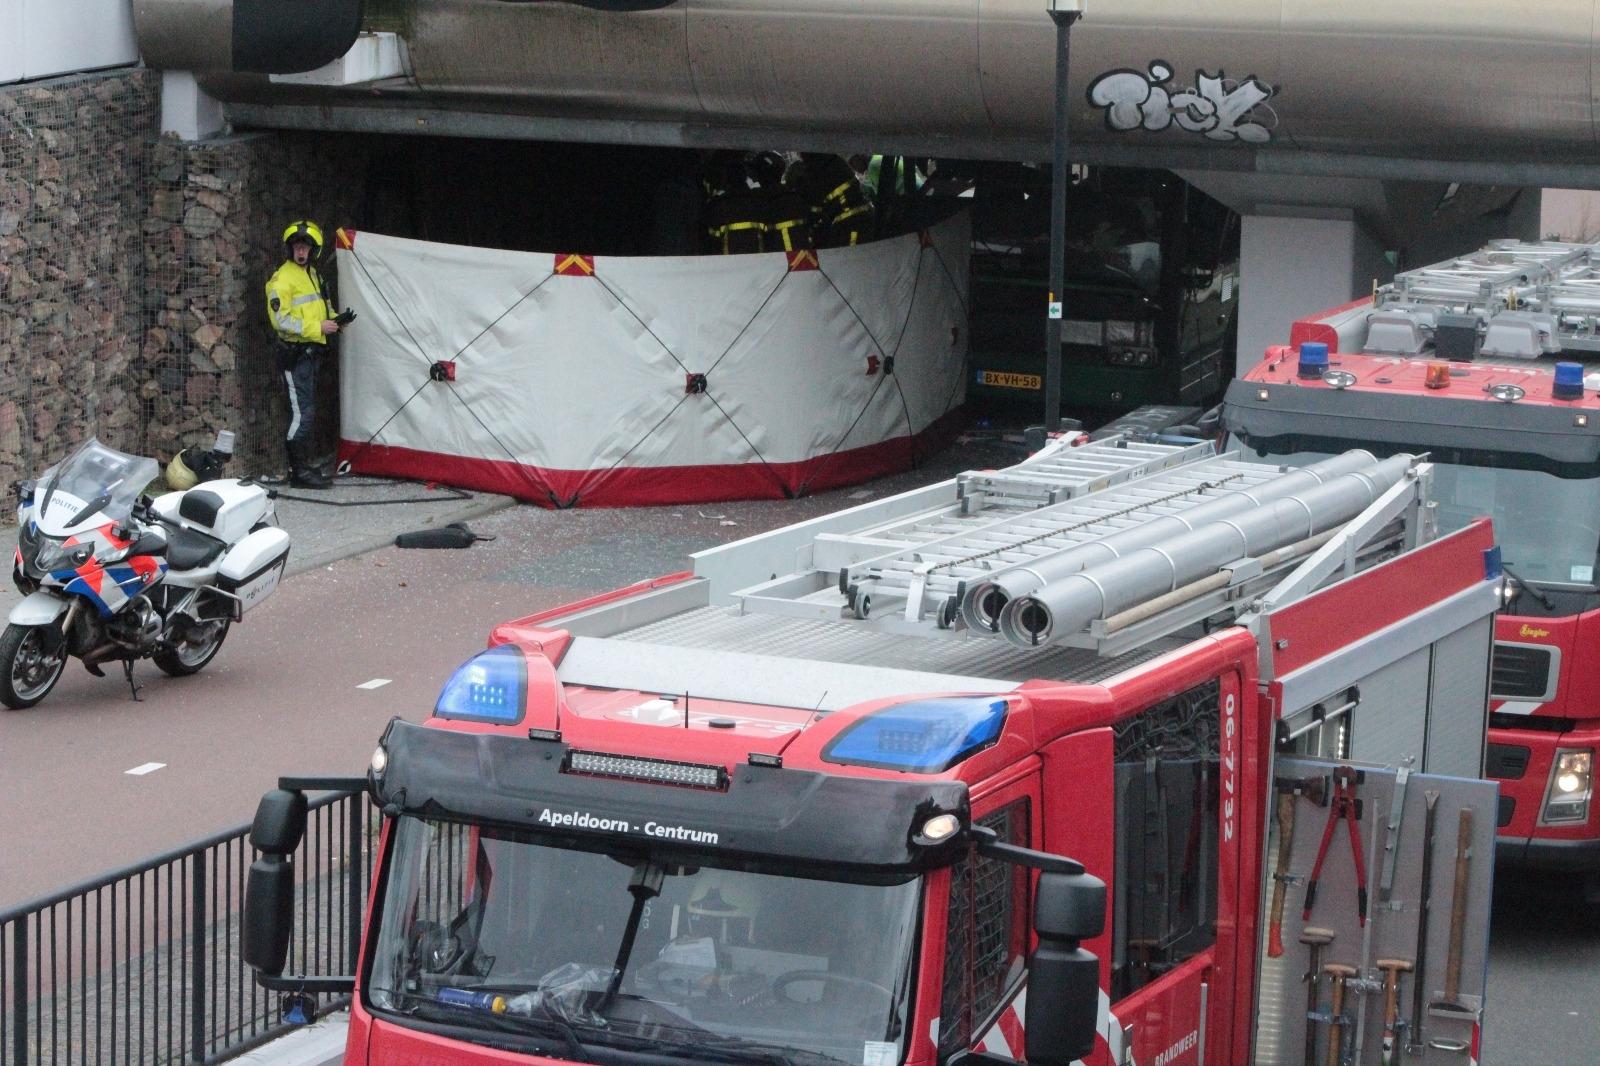 Apeldoorn – Stadsbus klem onder viaduct, 7 gewonden